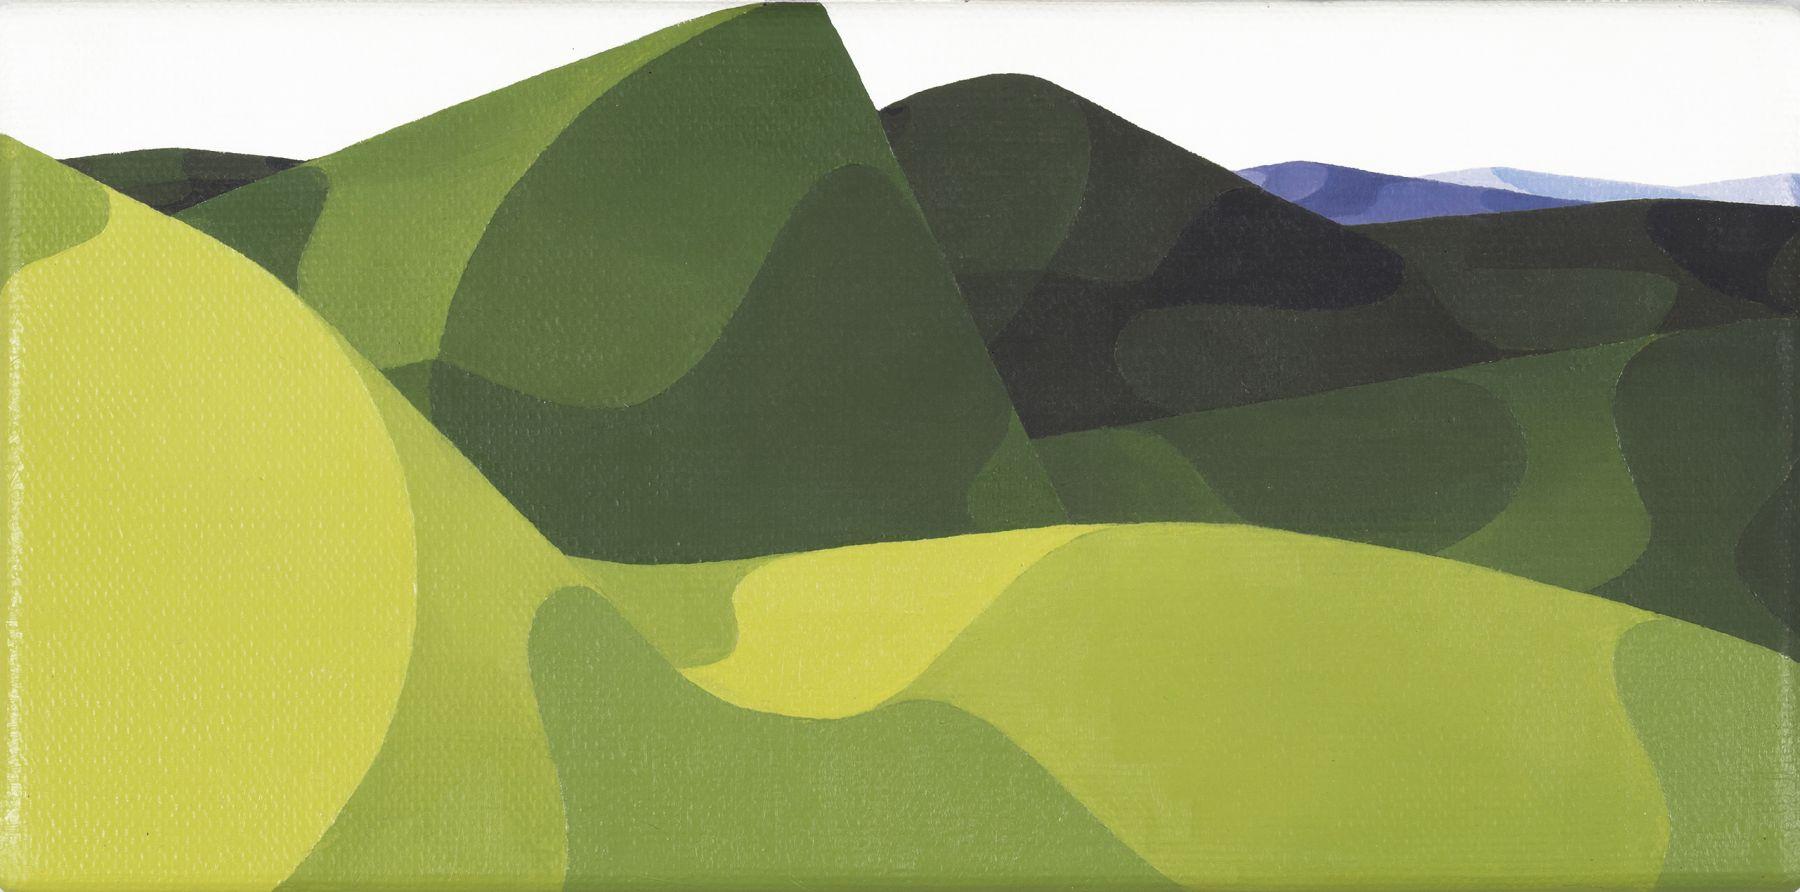 AlbrechtSchnider Ohne Titel (Landschaft), 2002 Oil on Canvas 15 x 30.50 cm 5.91 x 12.01 inches AS 7430